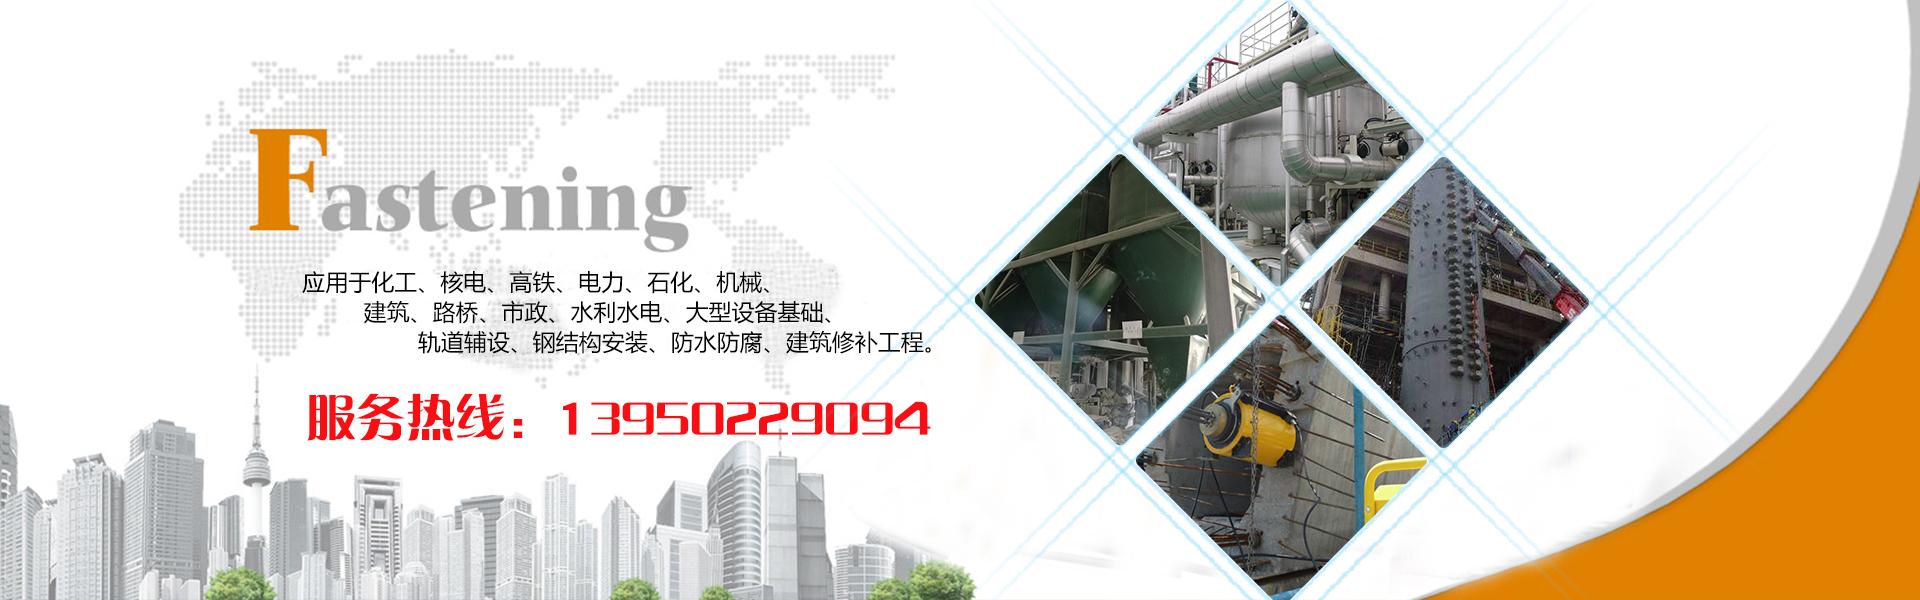 福建AG亞遊手機app建材科技有限公司